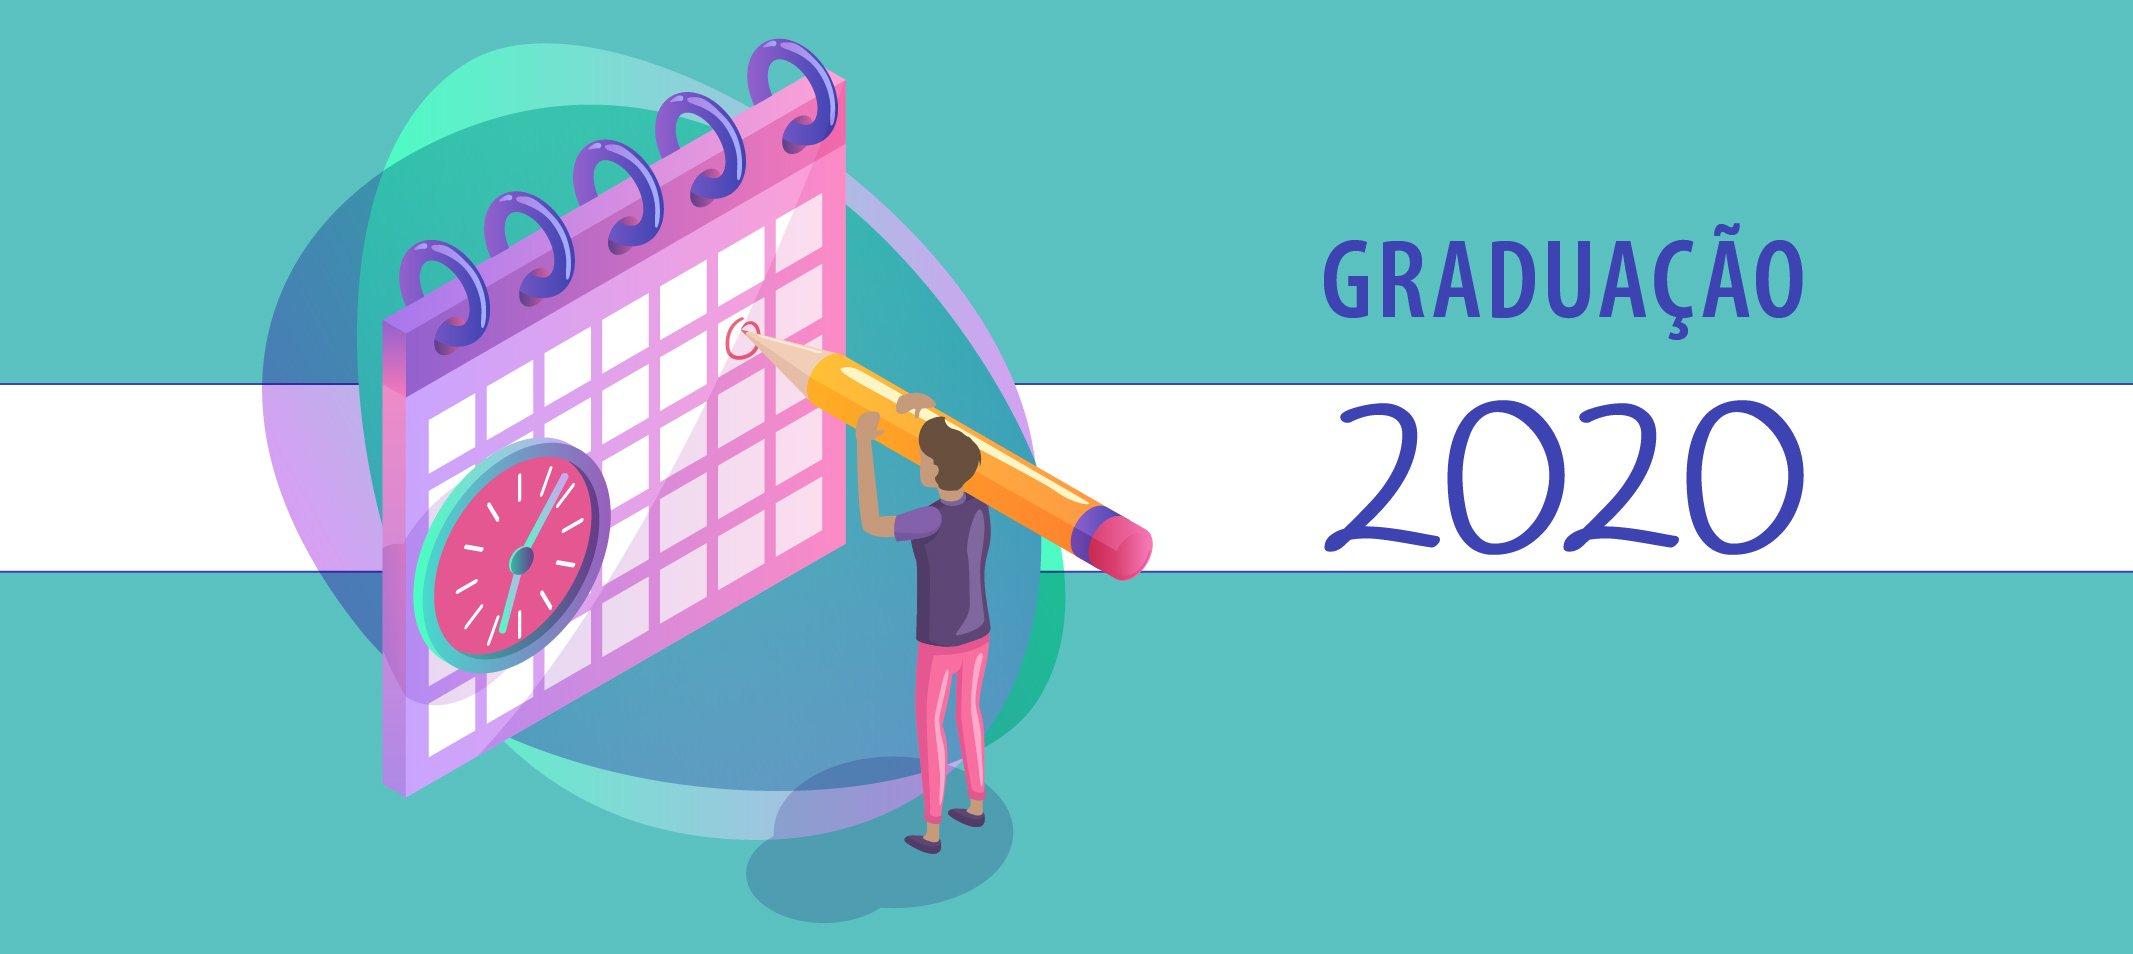 Ufam aprova Calendário Acadêmico para o próximo ano letivo. Confira